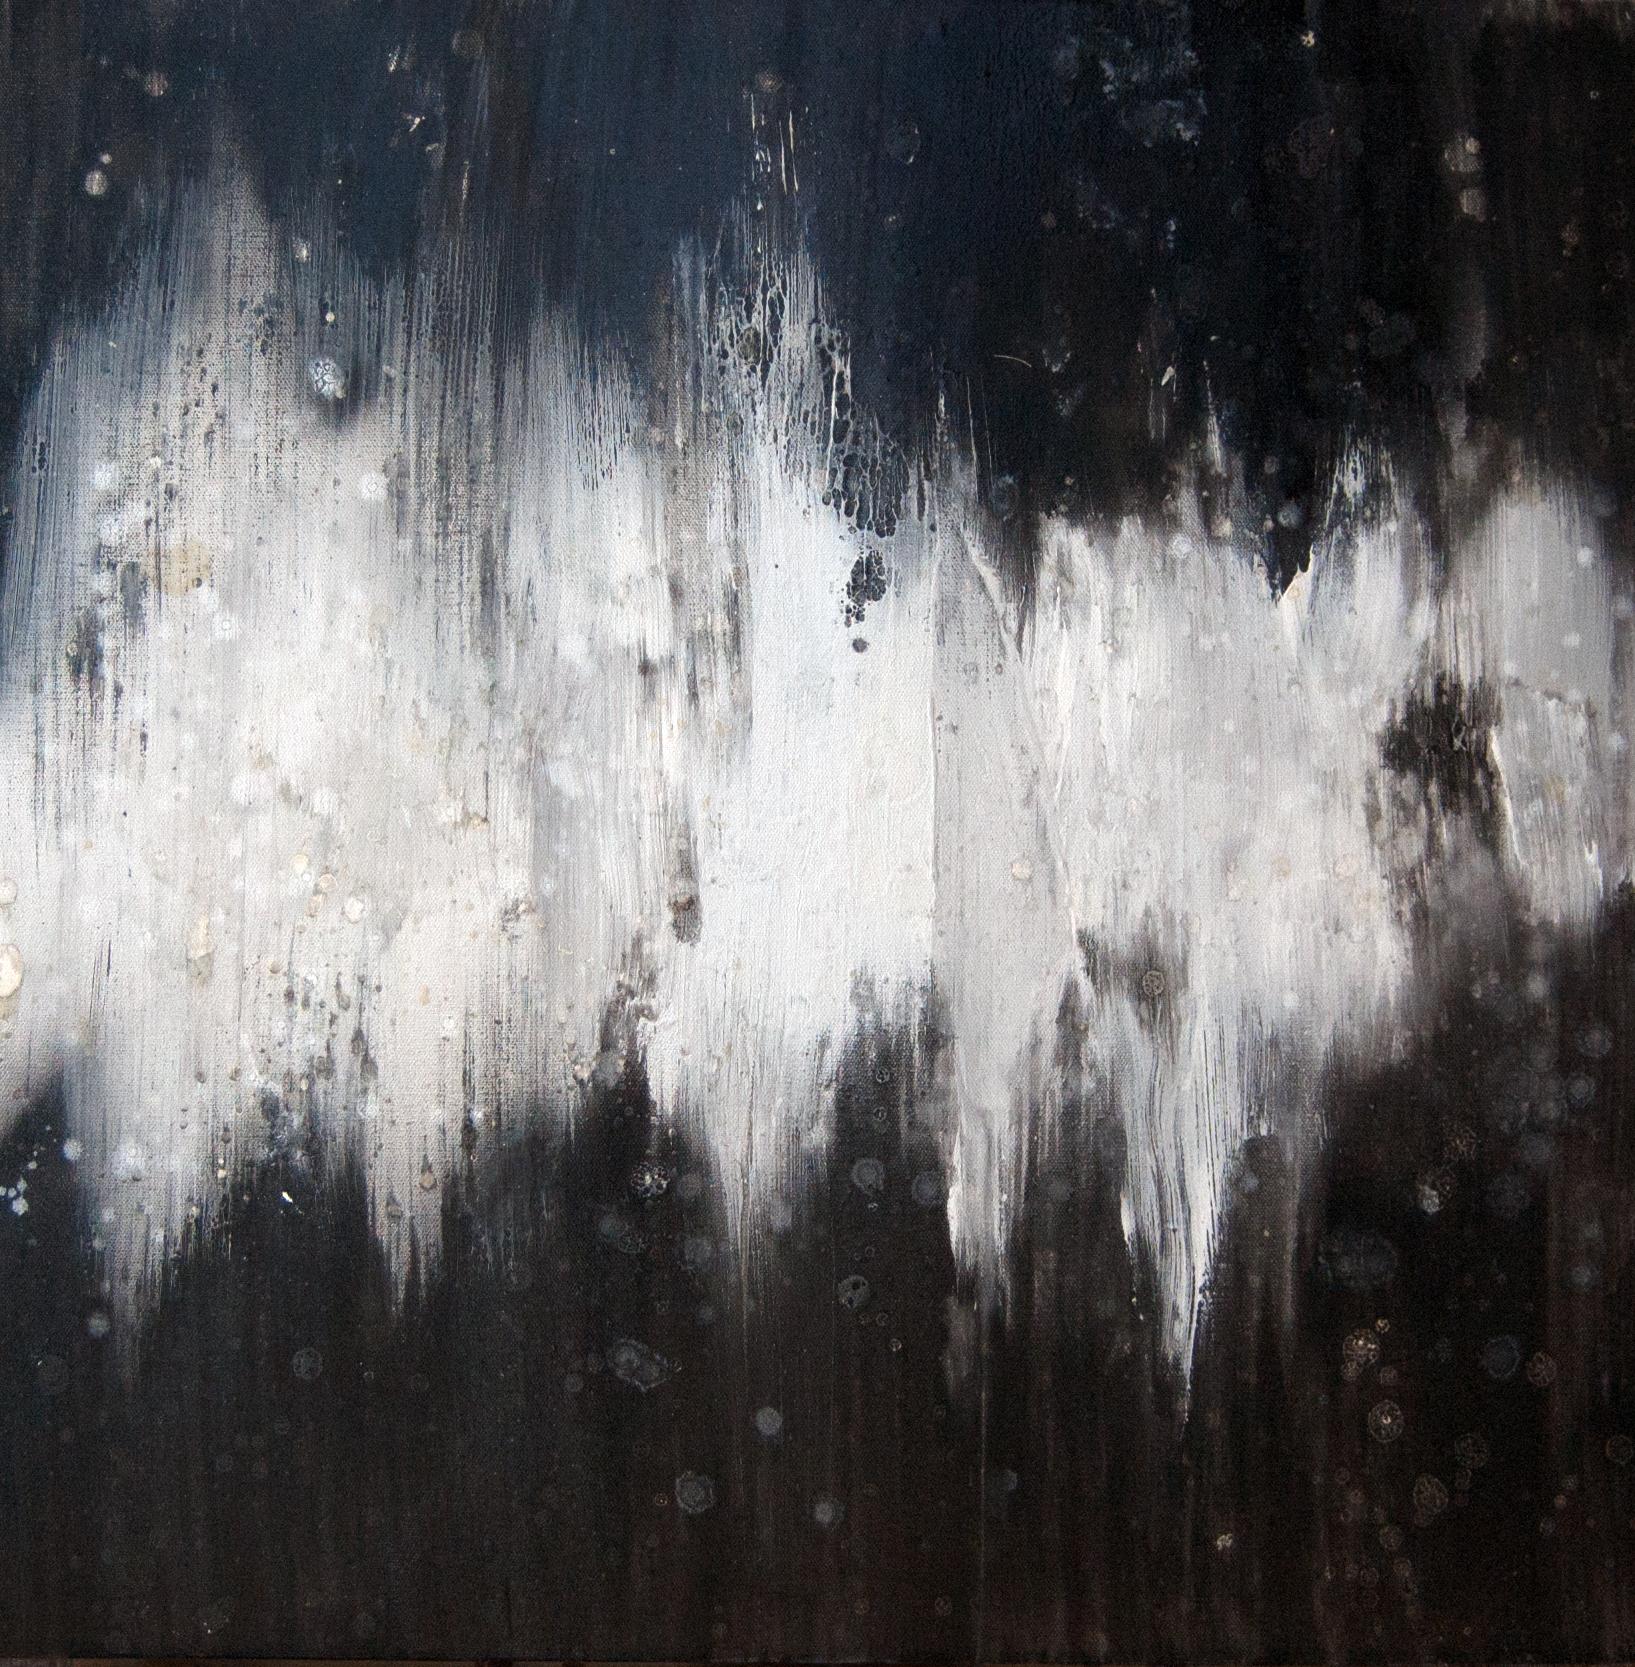 UHF - Sarah Raskey Fine Art